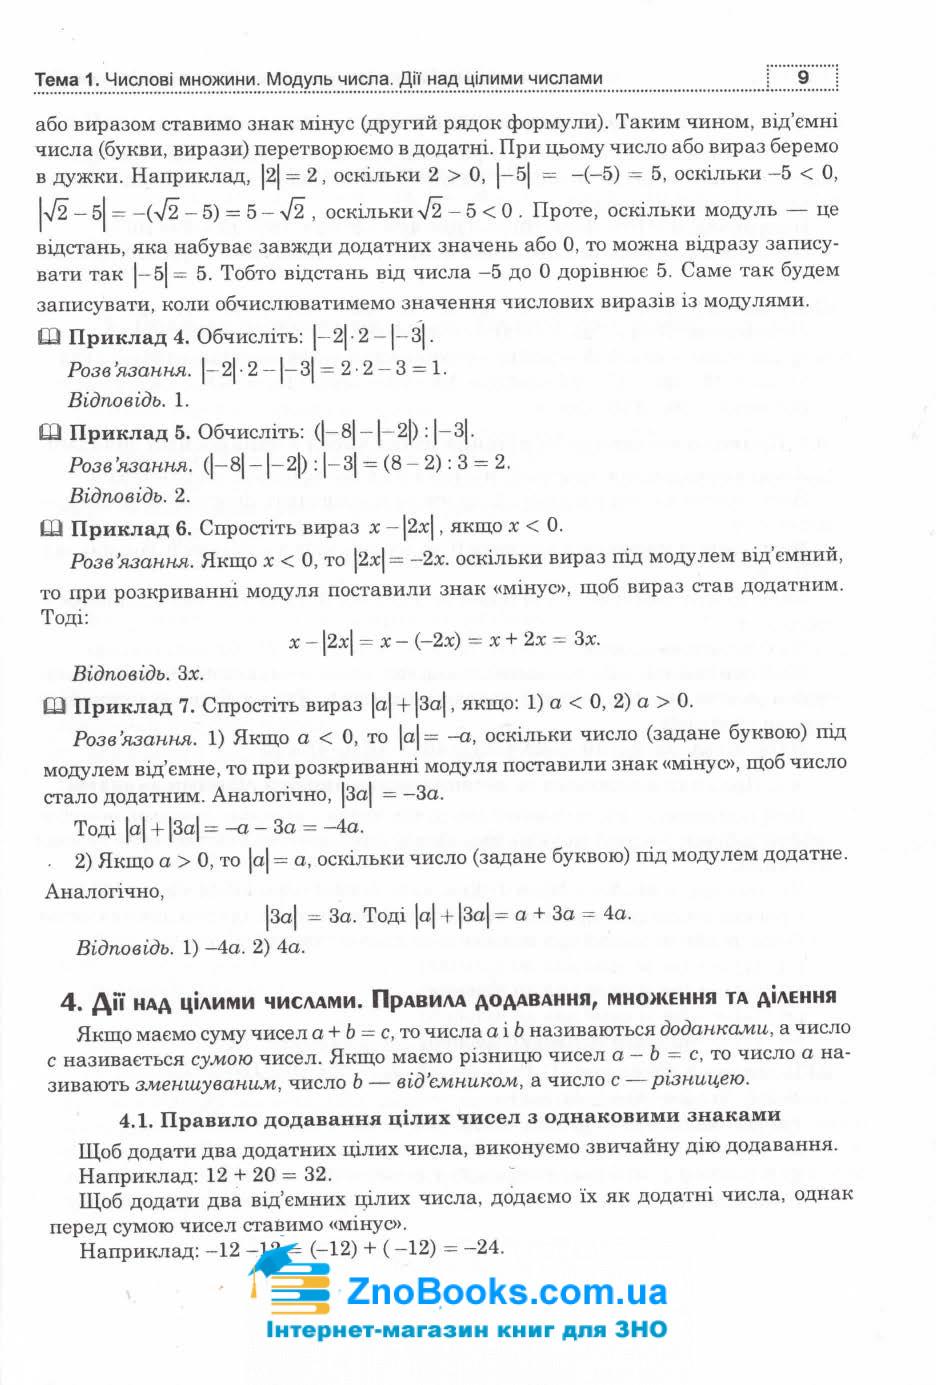 Клочко І. Математика ЗНО 2021. Алгебра рівень стандарту. Частина 1 :  Навчальна книга - Богдан. 7